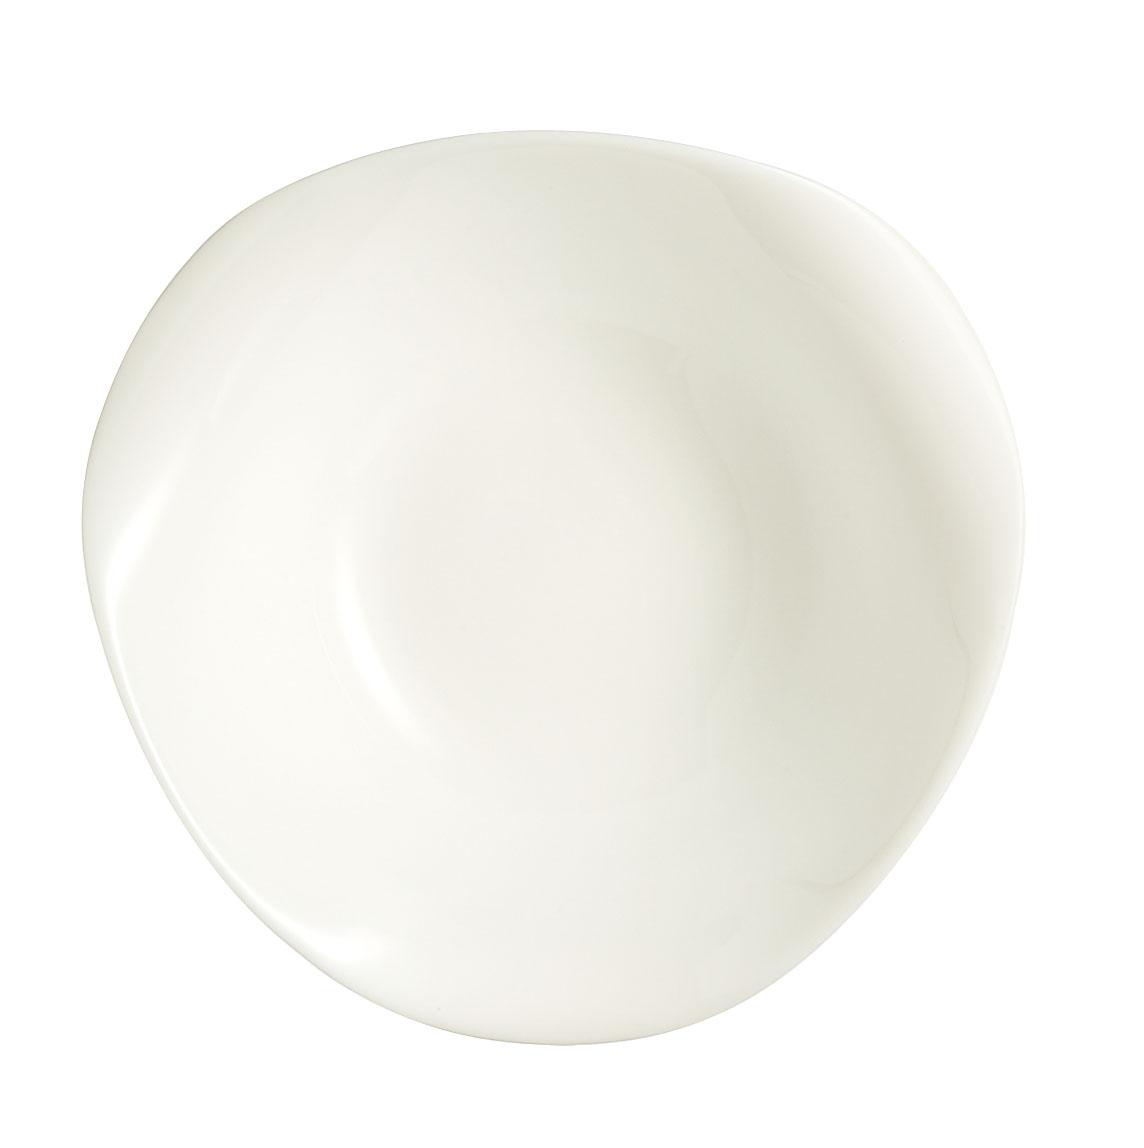 Салатник Luminarc Volare, 16 х 16 см400203Салатник Luminarc Volare выполнен из высококачественного стекла. Изделие сочетает в себе изысканный дизайн с максимальной функциональностью. Он прекрасно впишется в интерьер вашей кухни и станет достойным дополнением к кухонному инвентарю. Размер салатника (по верхнему краю): 16 х 16 см.